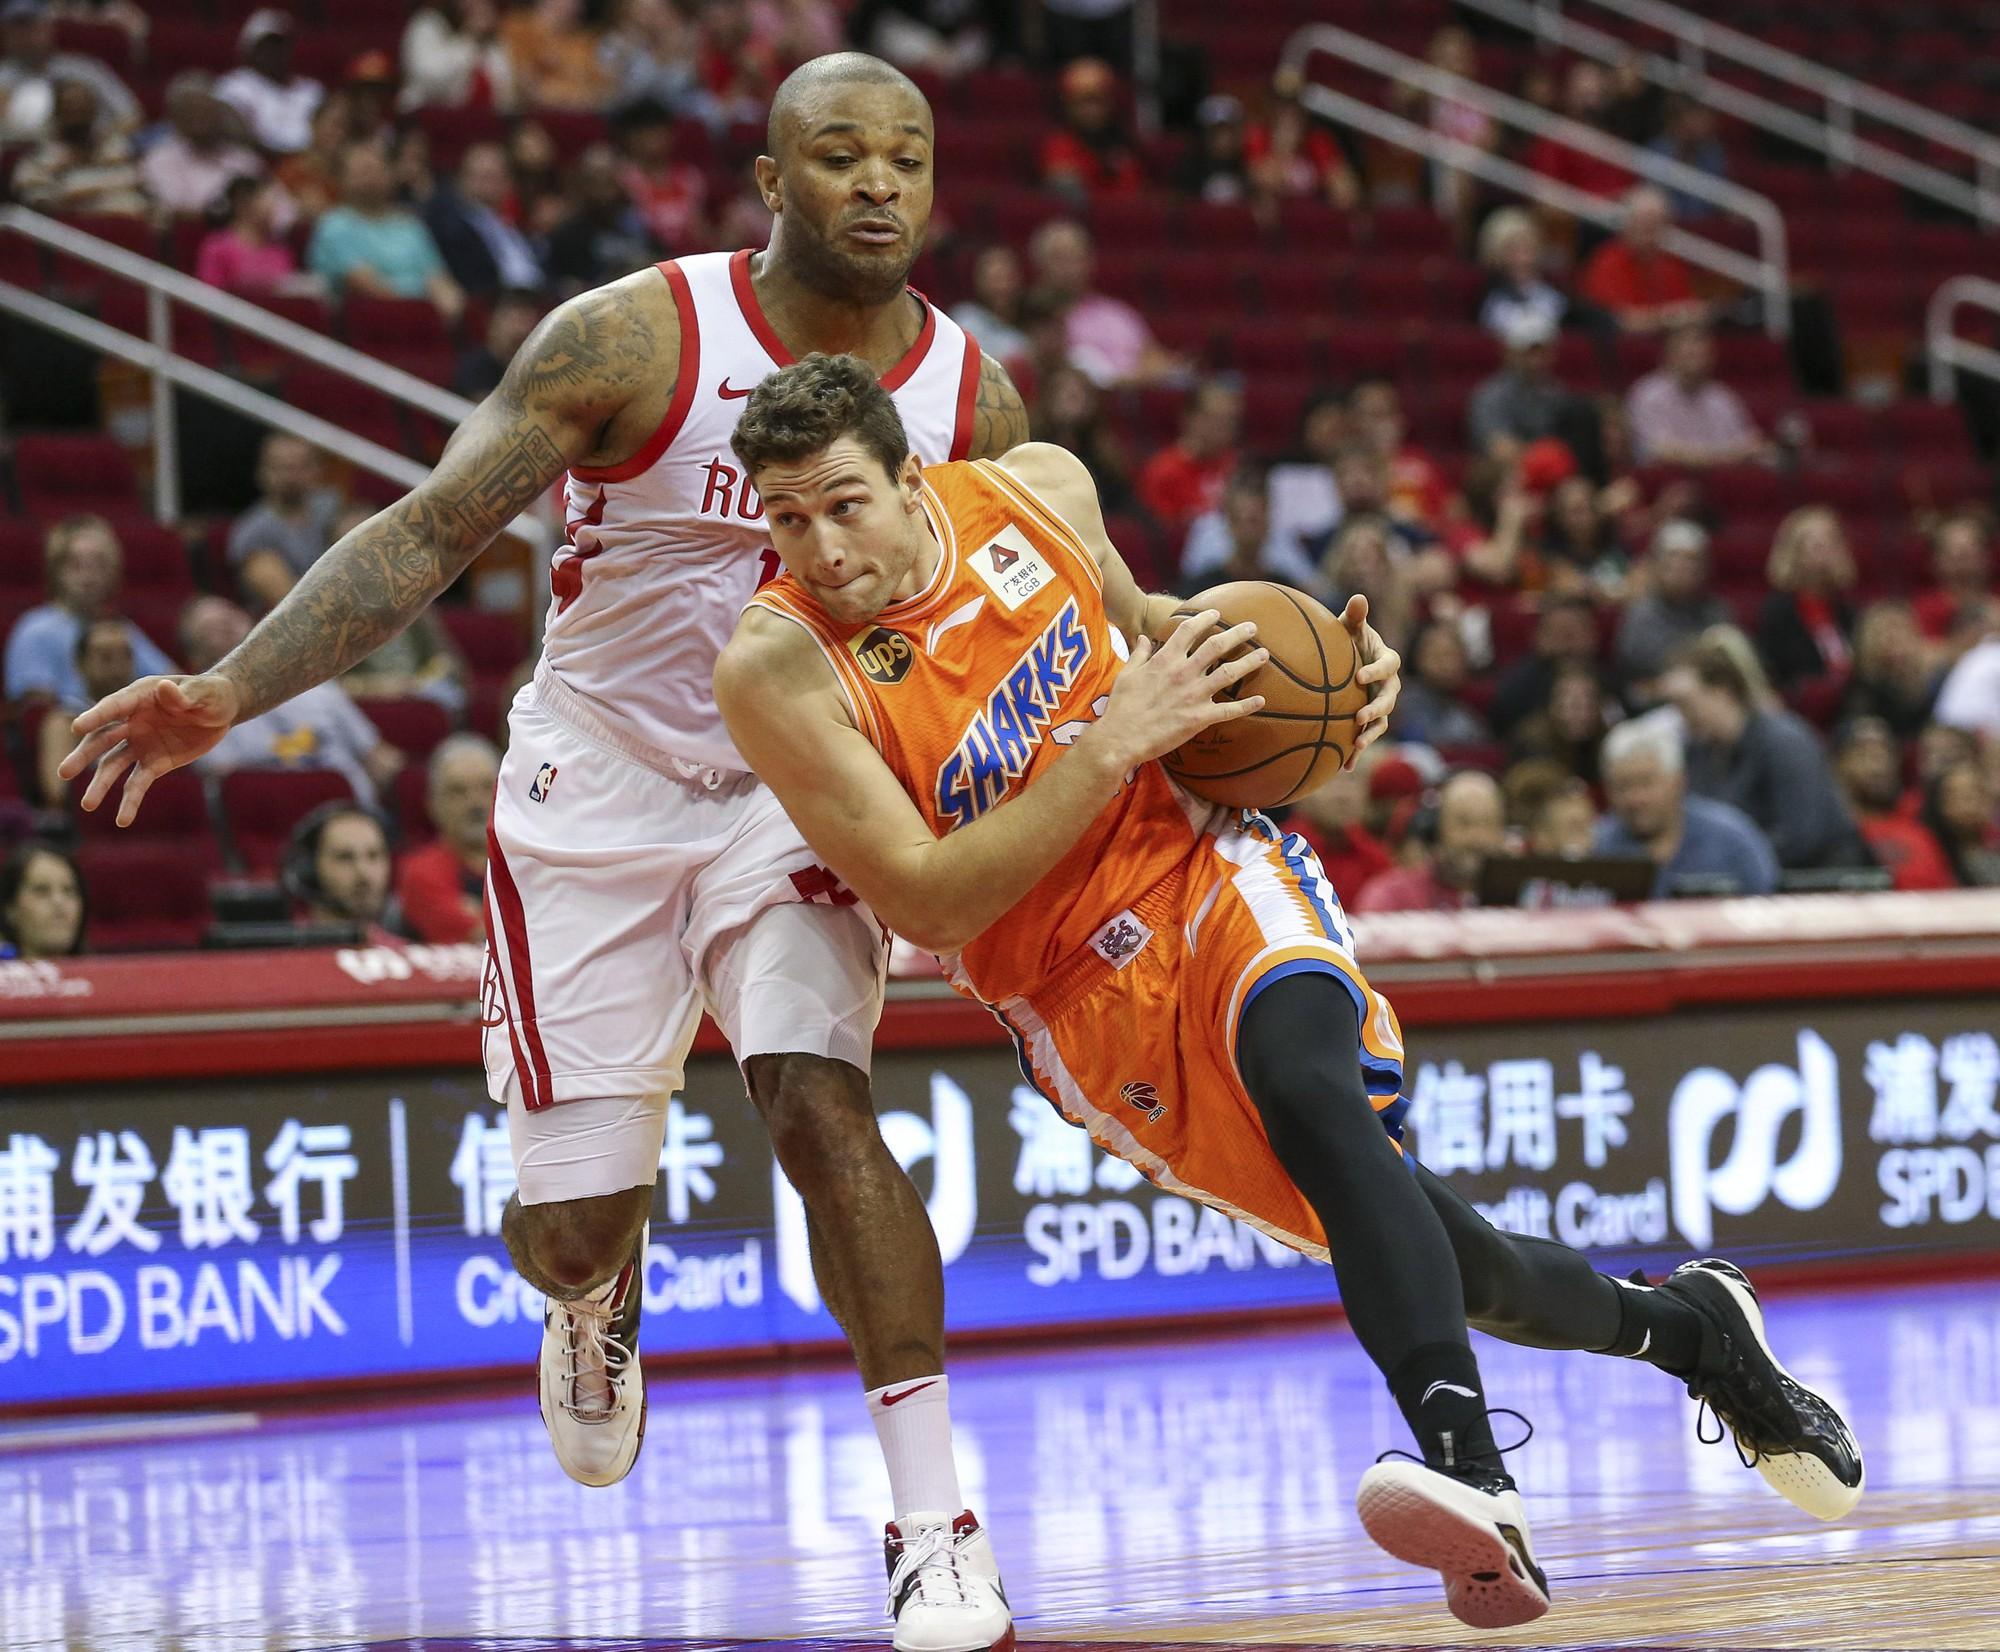 Ghi đến 75 điểm tại giải nhà nghề Trung Quốc, gã du mục Jimmer Fredette muốn tái xuất NBA - Ảnh 1.